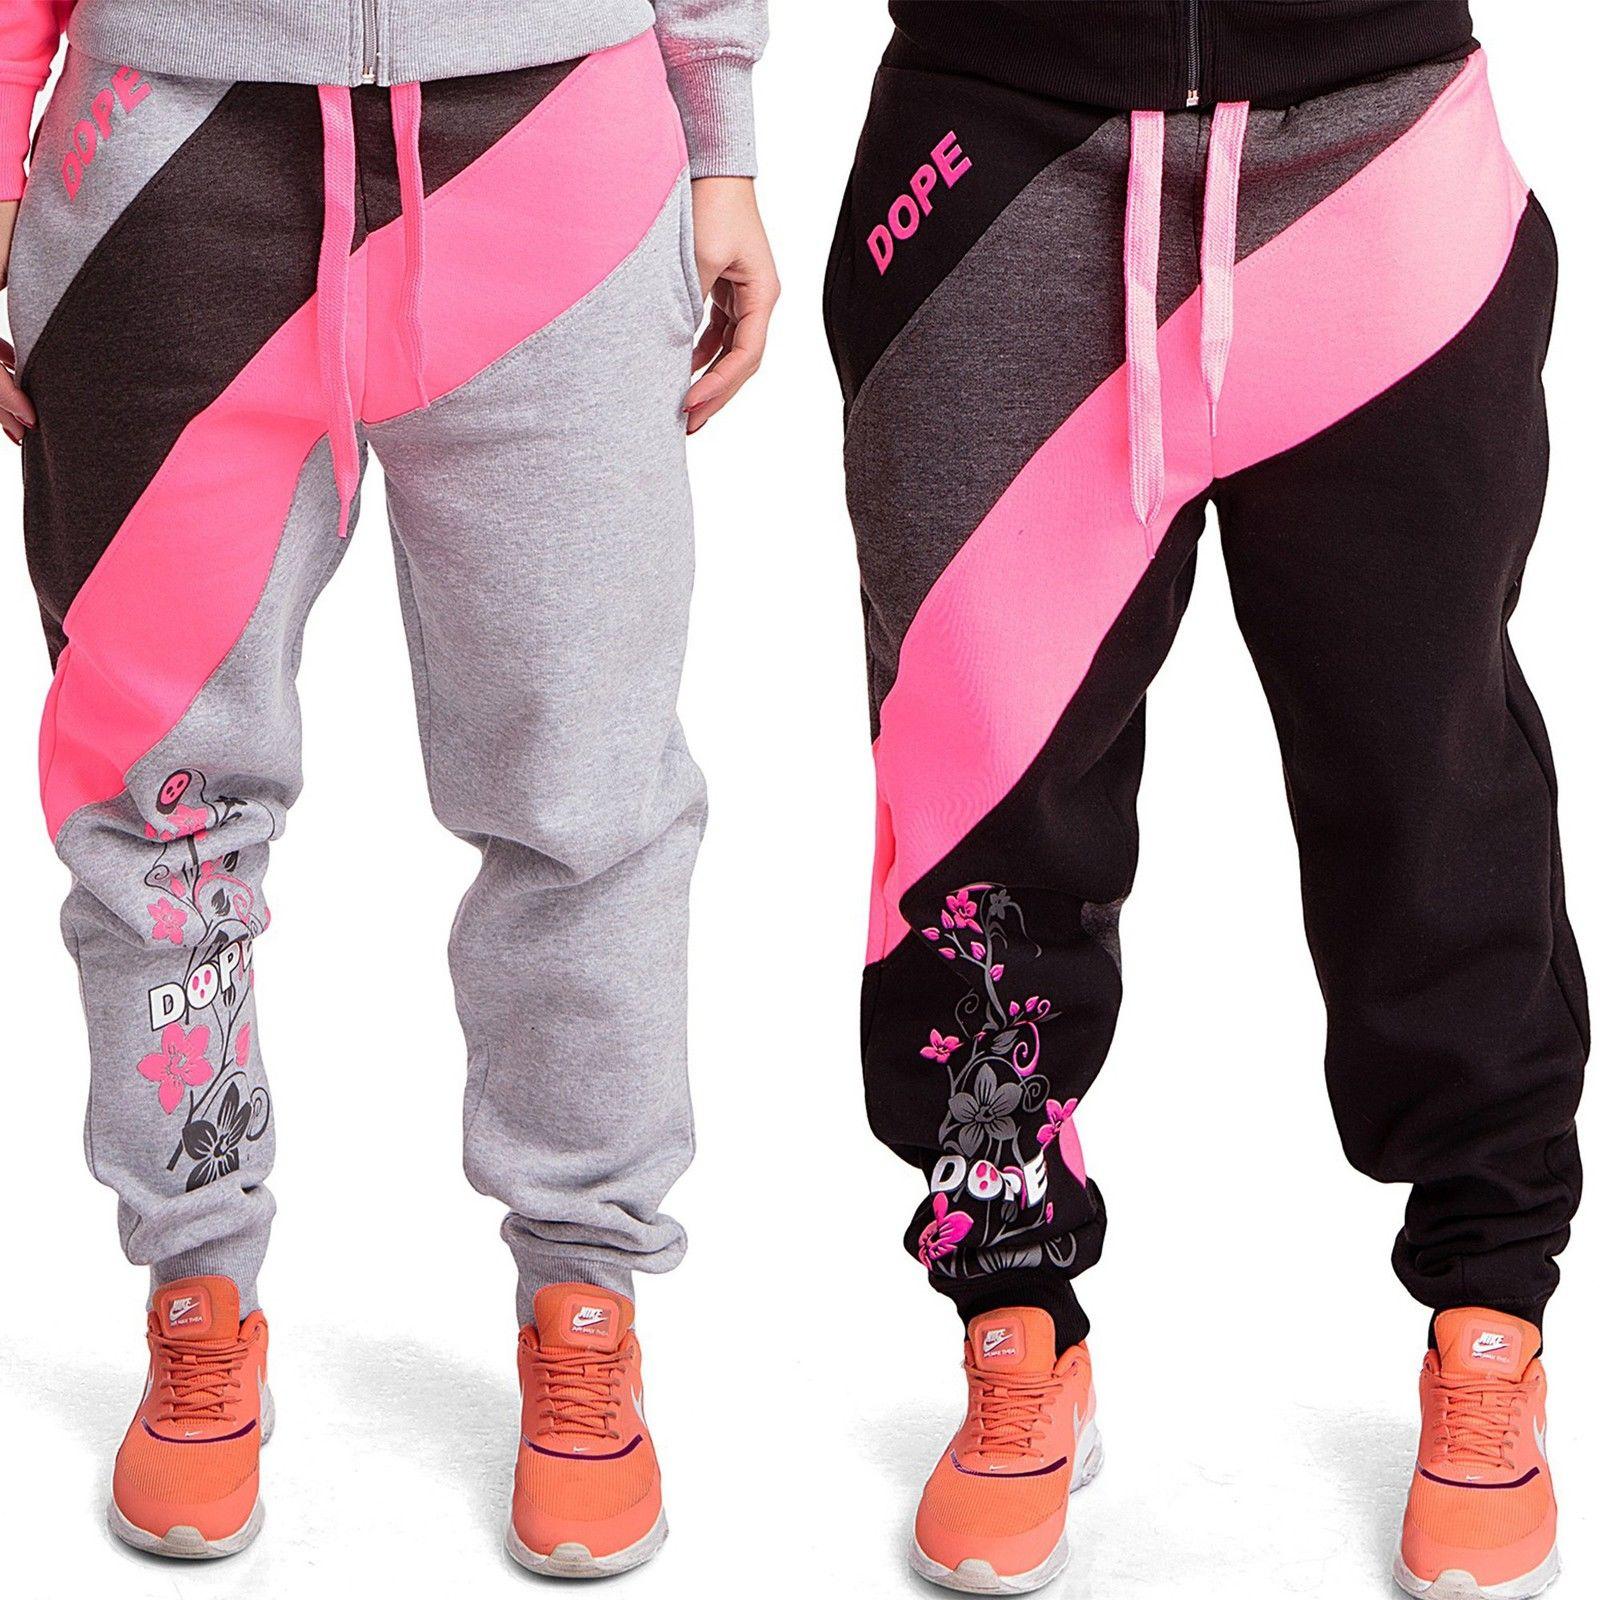 Damen Dope Fitnesshose Jogginghose Trainingshose Sporthose laufhose Sport Hose